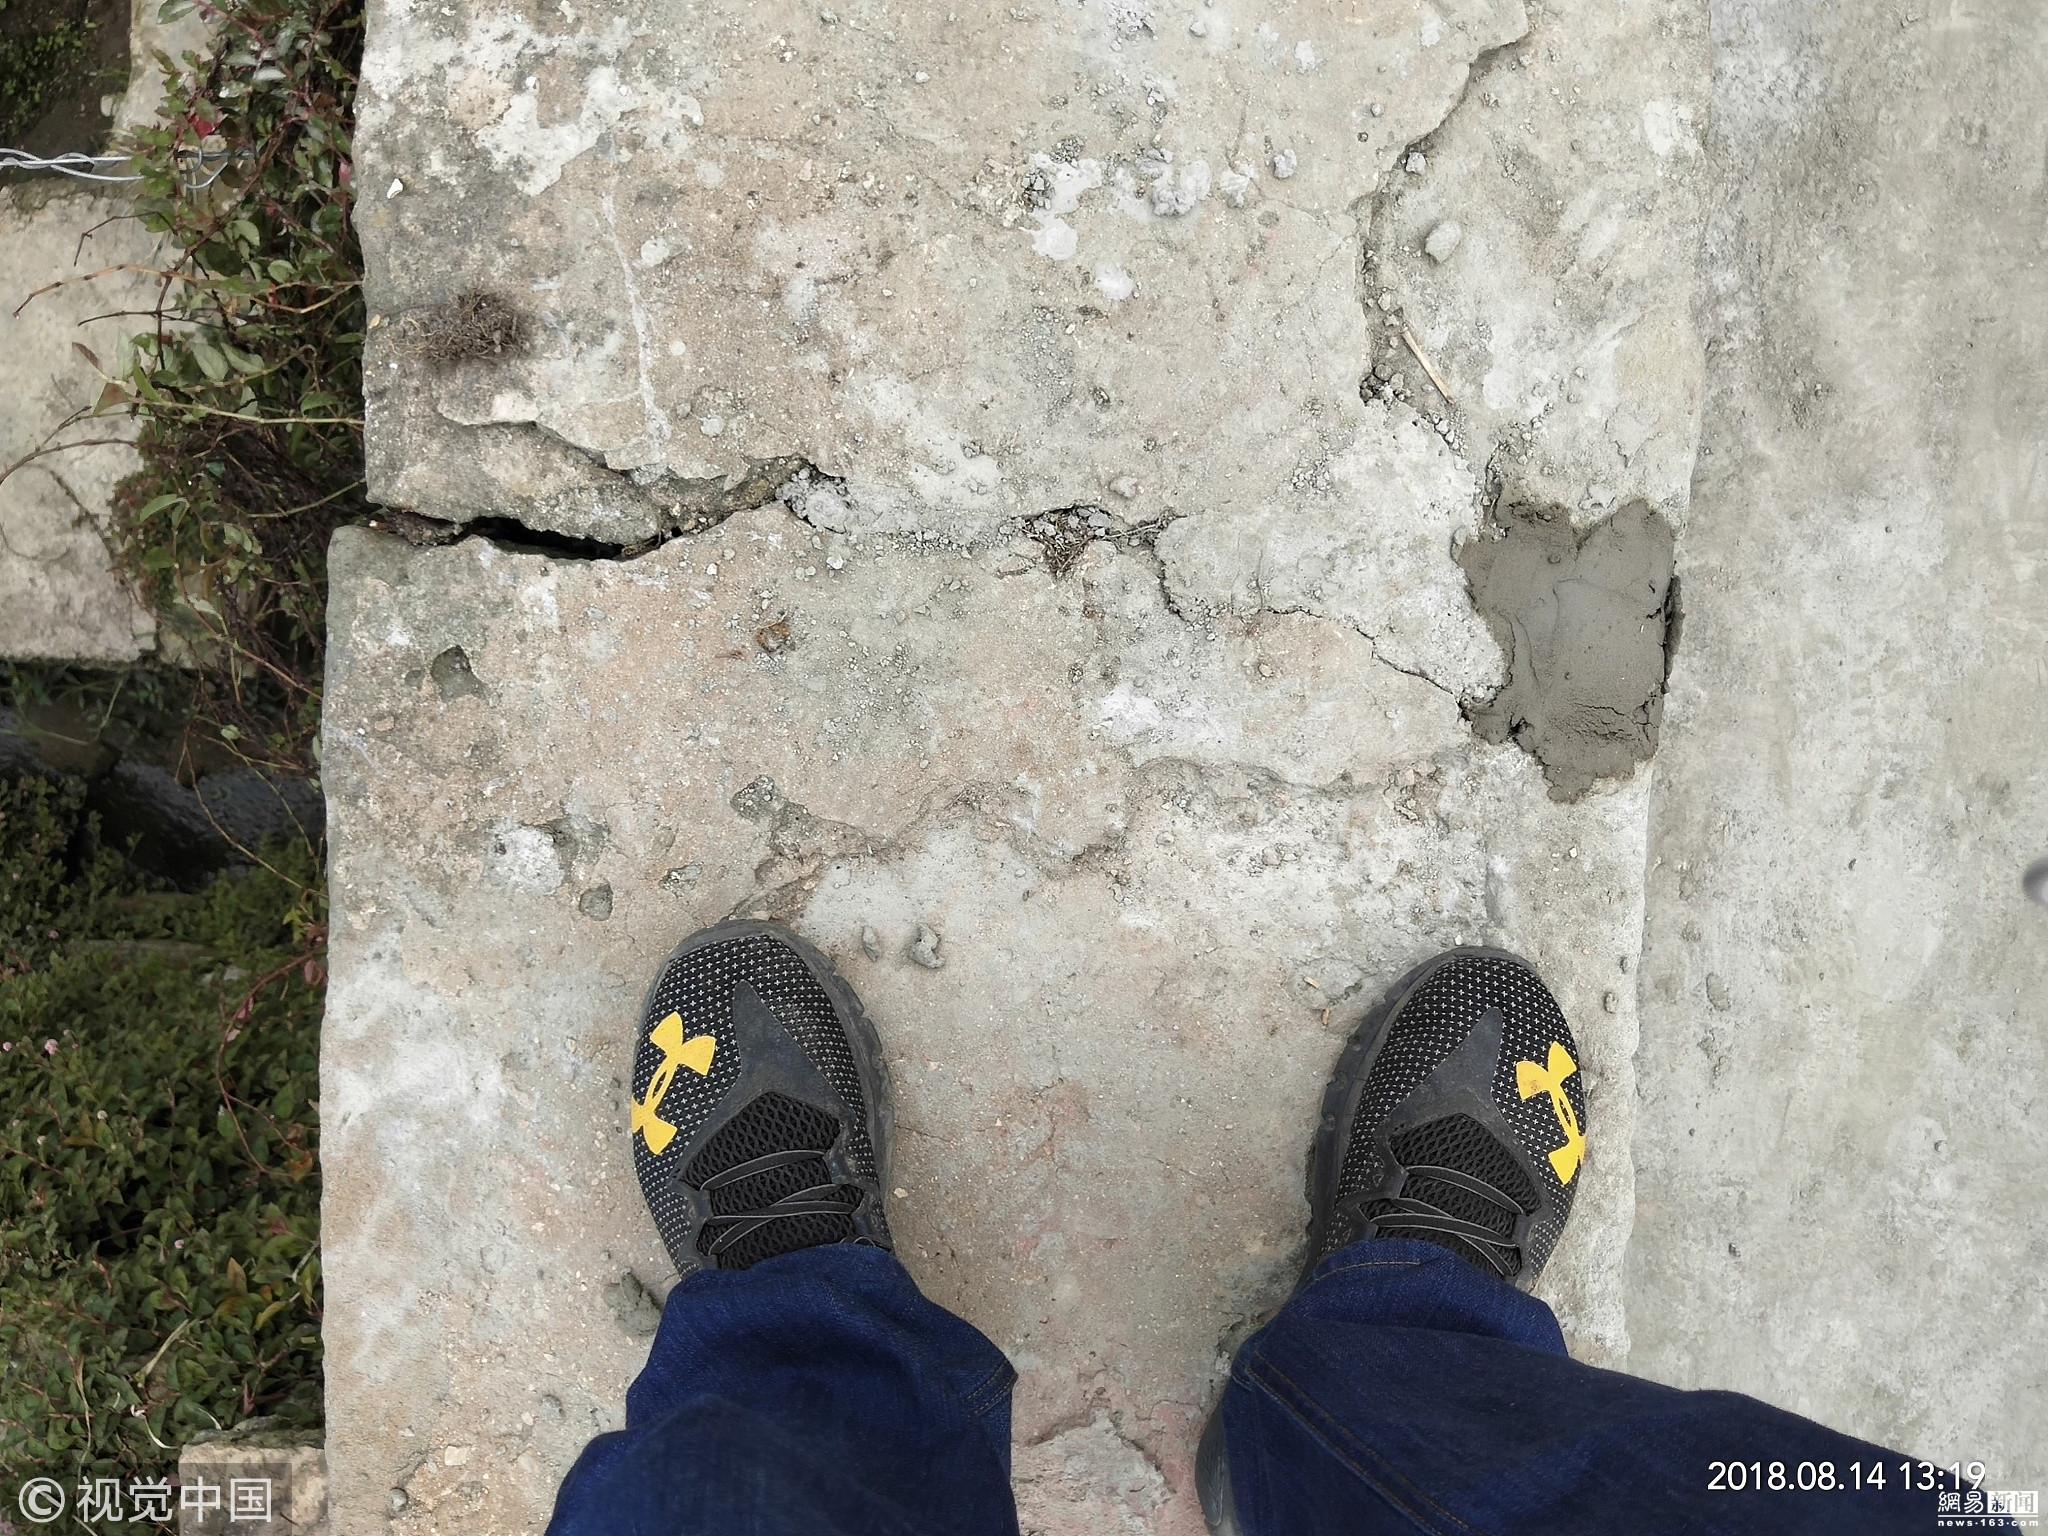 云南通海5级地震:输水沟变形 村民积极修补